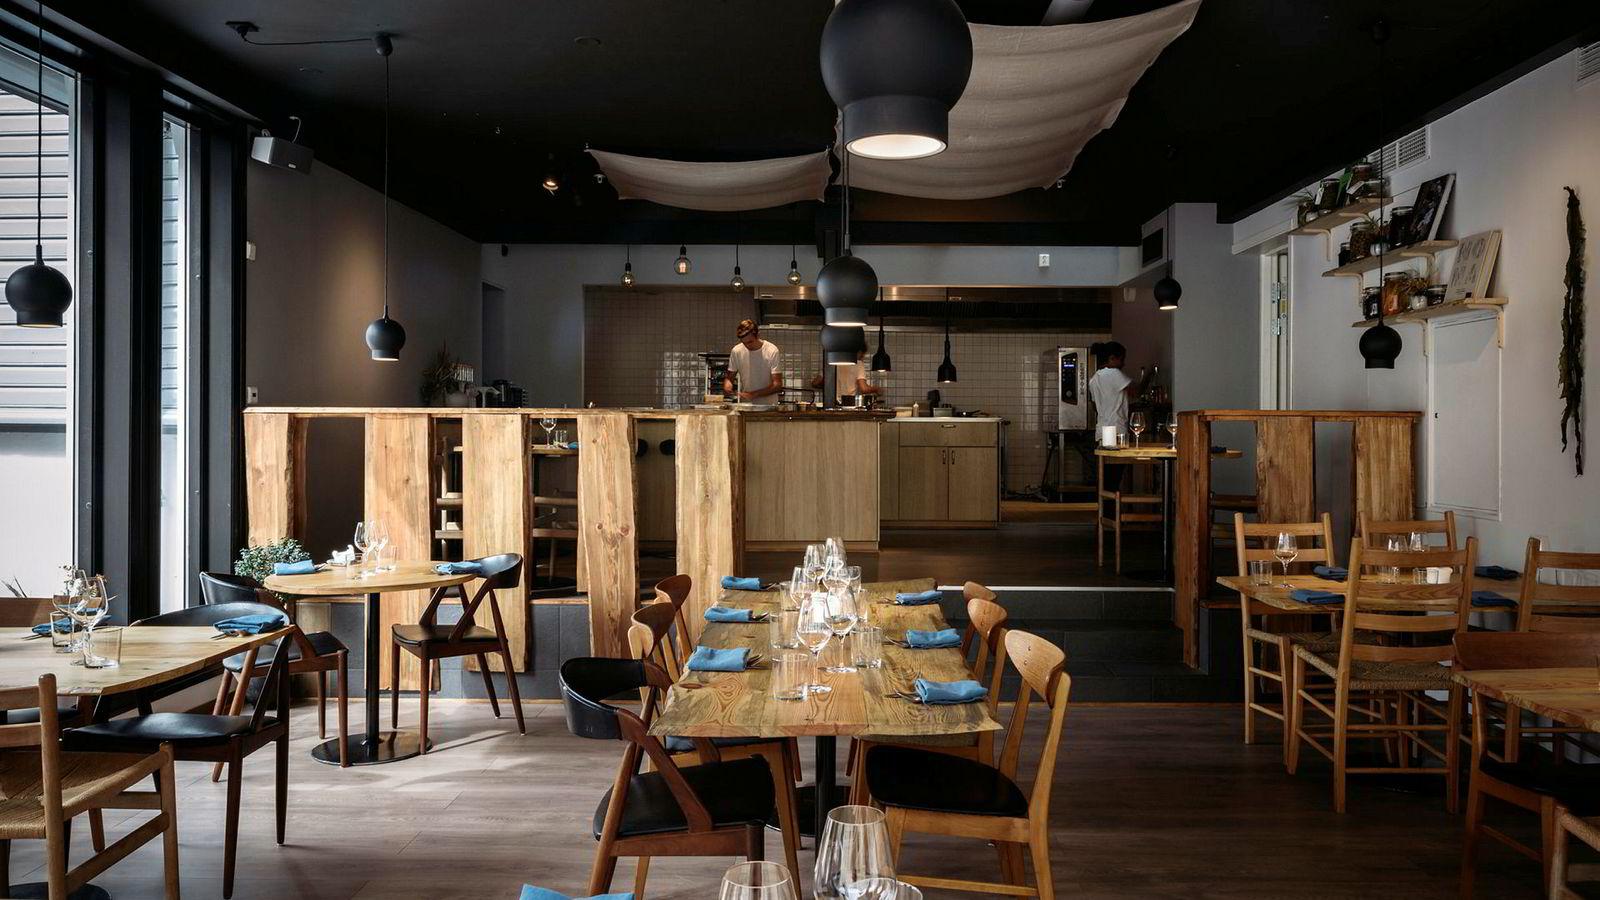 Söl i Stavanger har hentet navnet sitt fra en type tang. Restauranten eies og drives av de tre kokkene Magnus Paaske, Nayana Engh og Claes Helbak.